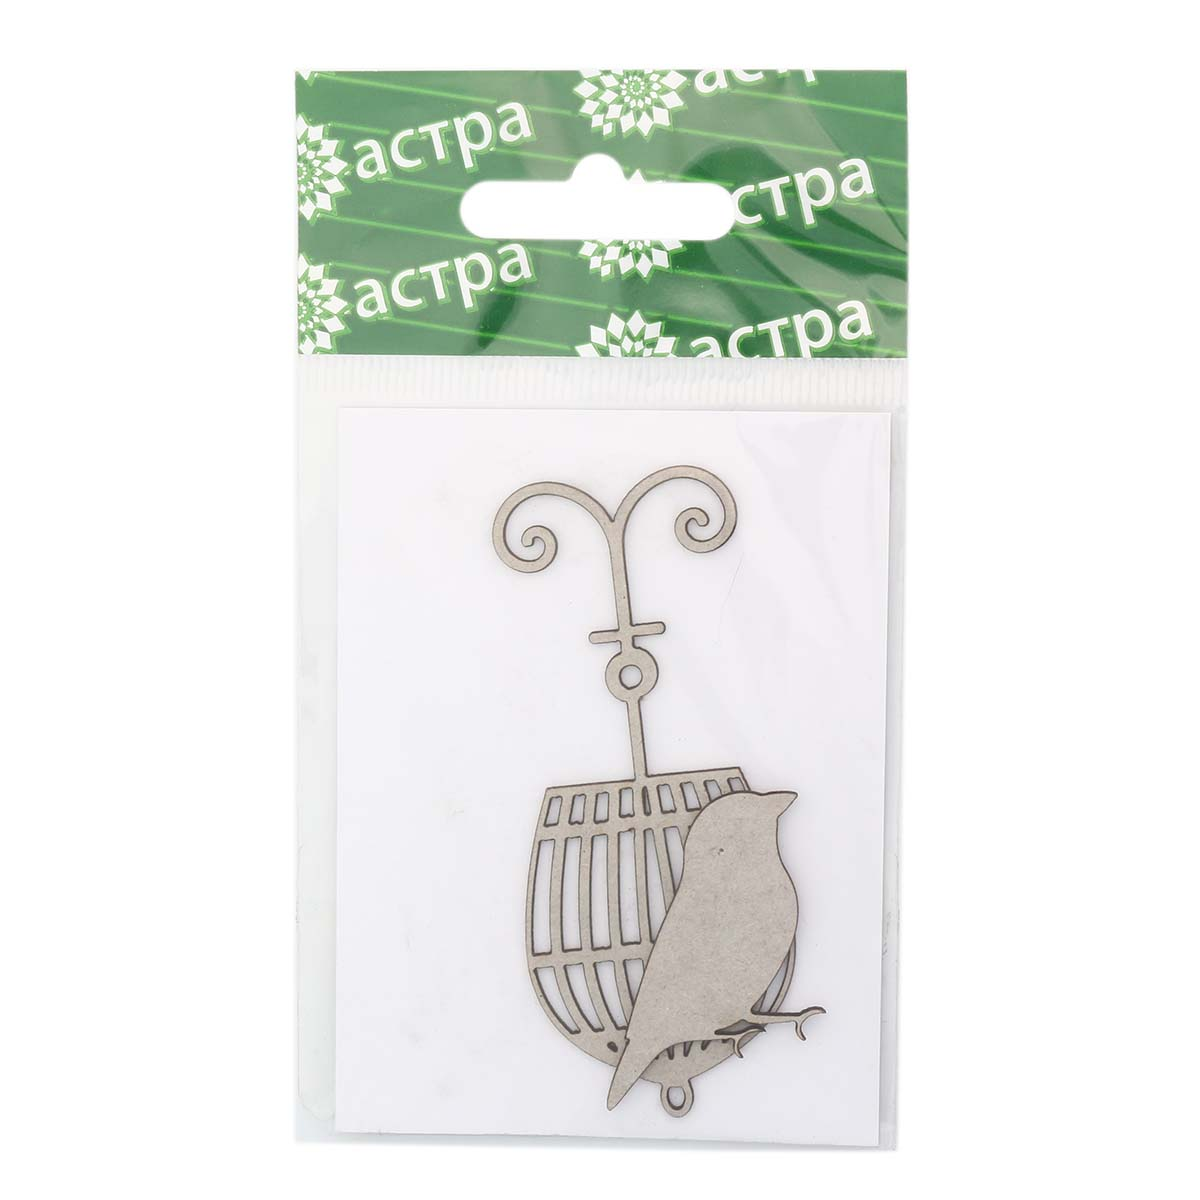 ВК-8 Декоративный элемент 'Винтажная клетка с птичкой', упак./2 шт., 'Астра'